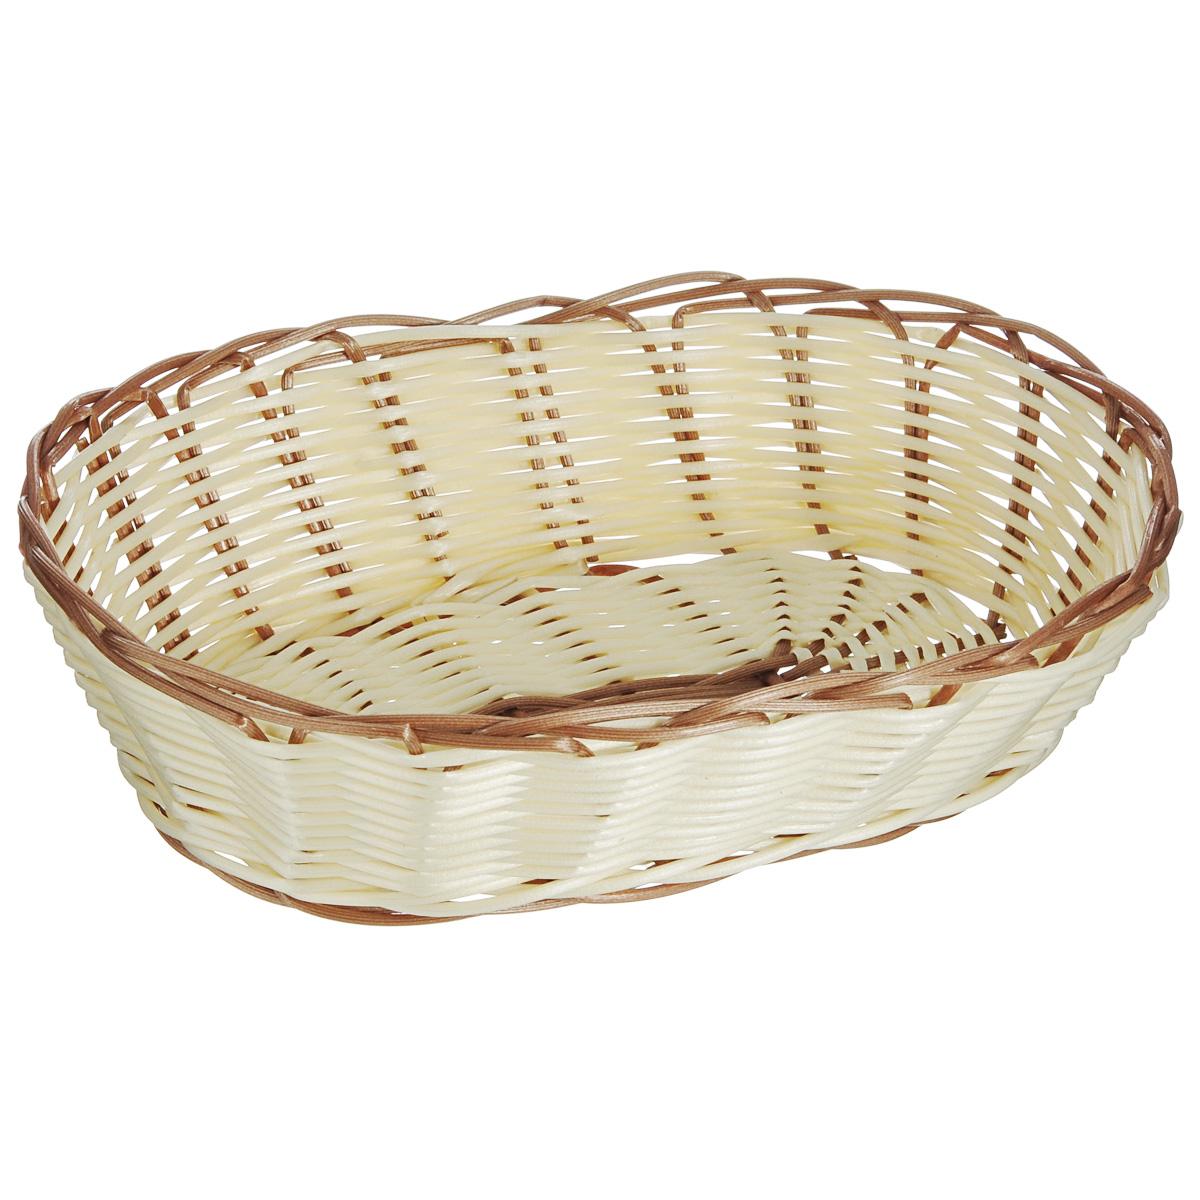 Корзинка для хлеба Kesper, 25 см х 17,5 см х 7 см. 1981-01981-0Оригинальная плетеная корзинка Kesper овальной формы, выполнена из пластика, напоминающего фактуру дерева. Корзинка прекрасно подойдет для вашей кухни. Она предназначена для красивой сервировки хлебобулочной продукции.Изящный дизайн придется по вкусу и ценителям классики, и тем, кто предпочитает утонченность и изысканность. Можно мыть в посудомоечной машине. Размер корзинки: 25 см х 17,5 см х 7 см.